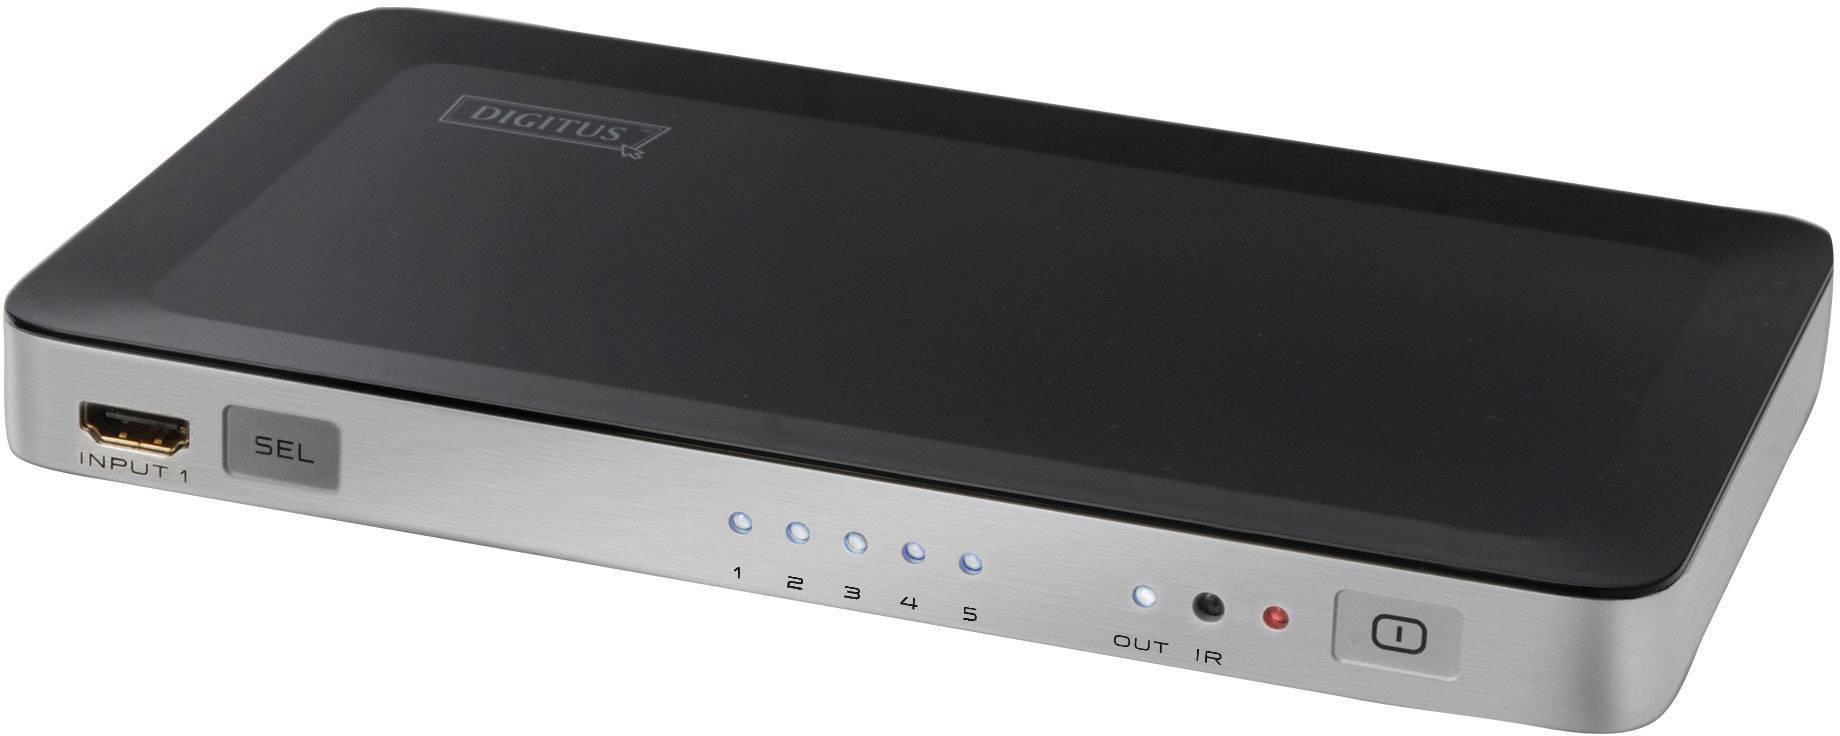 Prepínač HDMI Digitus DS-45300, s 5 portmi, s diaľkovým ovládaním, možnosť 3D prehrávania